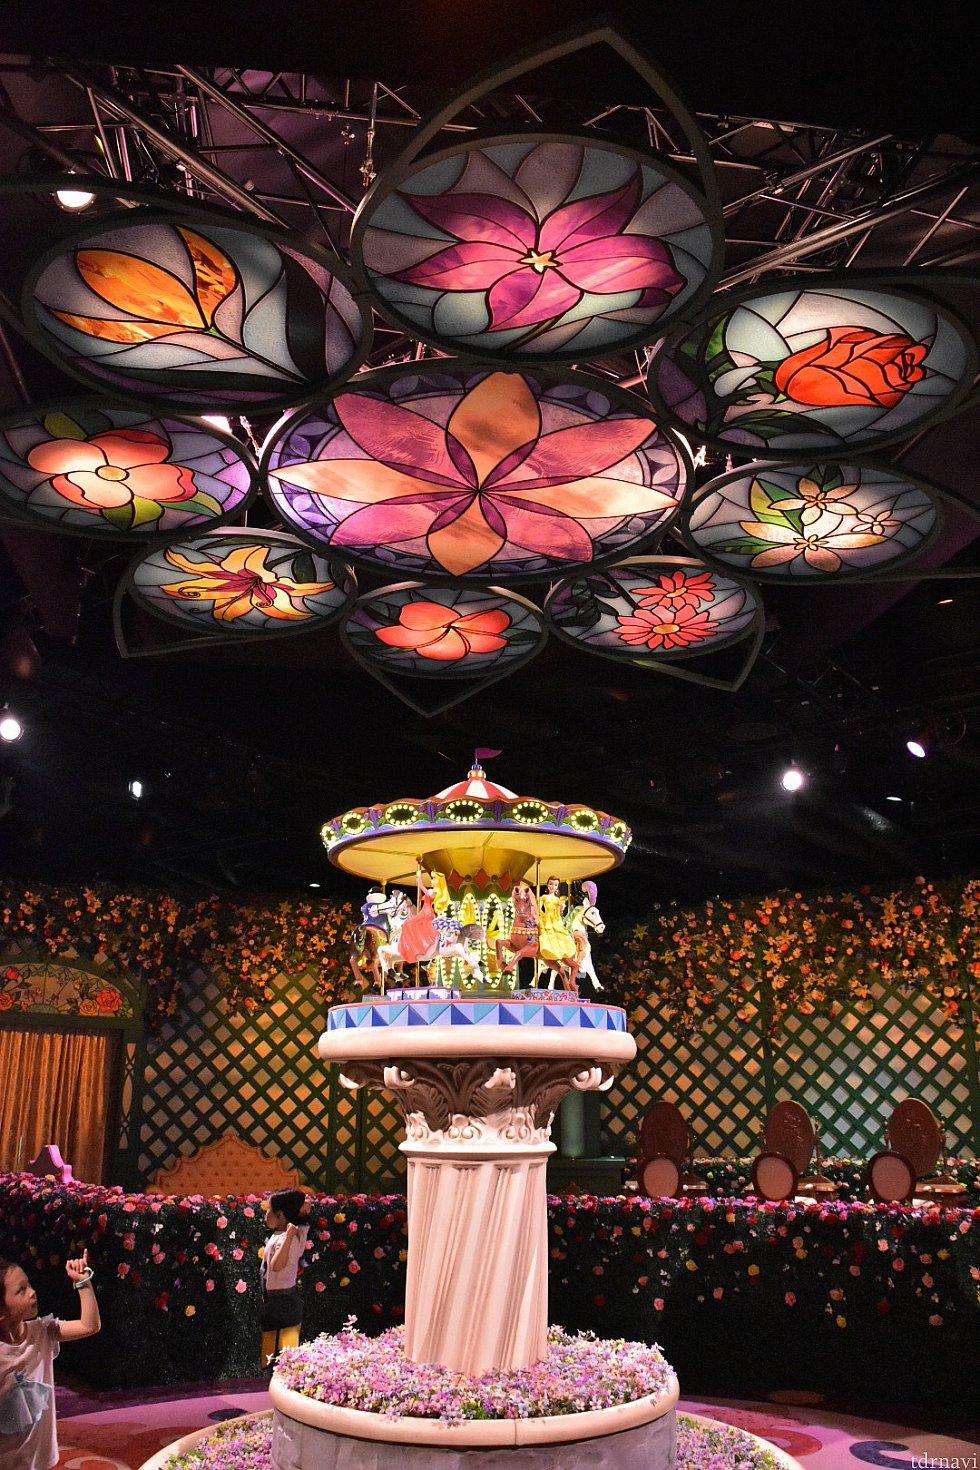 それぞれのプリンセスモチーフのお花が描かれたステンドグラス。